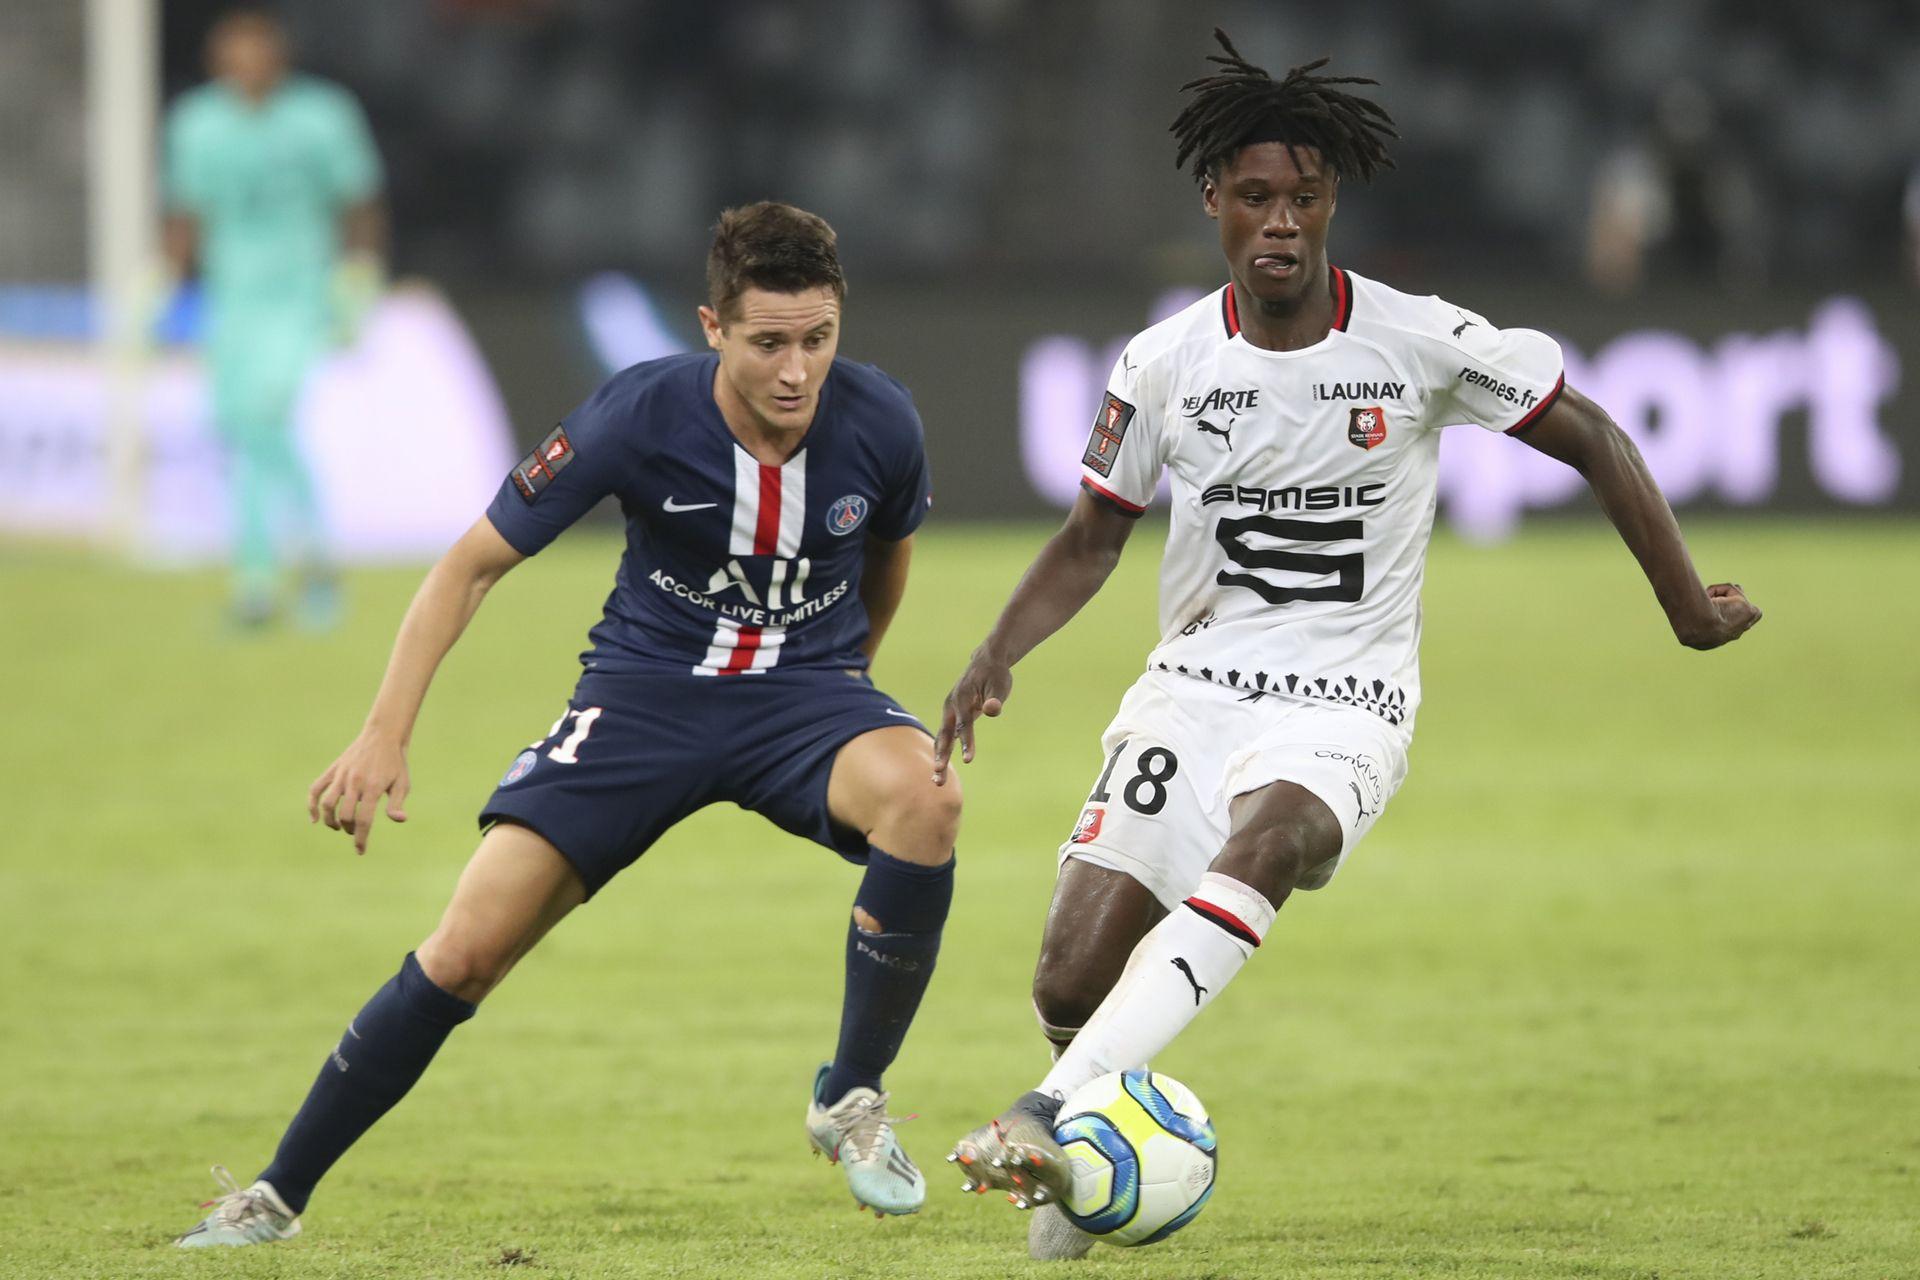 Едуардо Камавинга (Рен): Поредното дете-чудо на футбола. Само на 17, той вече има гол за мъжкия тим на Франция, а в родния си Рен вече втори пореден сезон е основен играч.